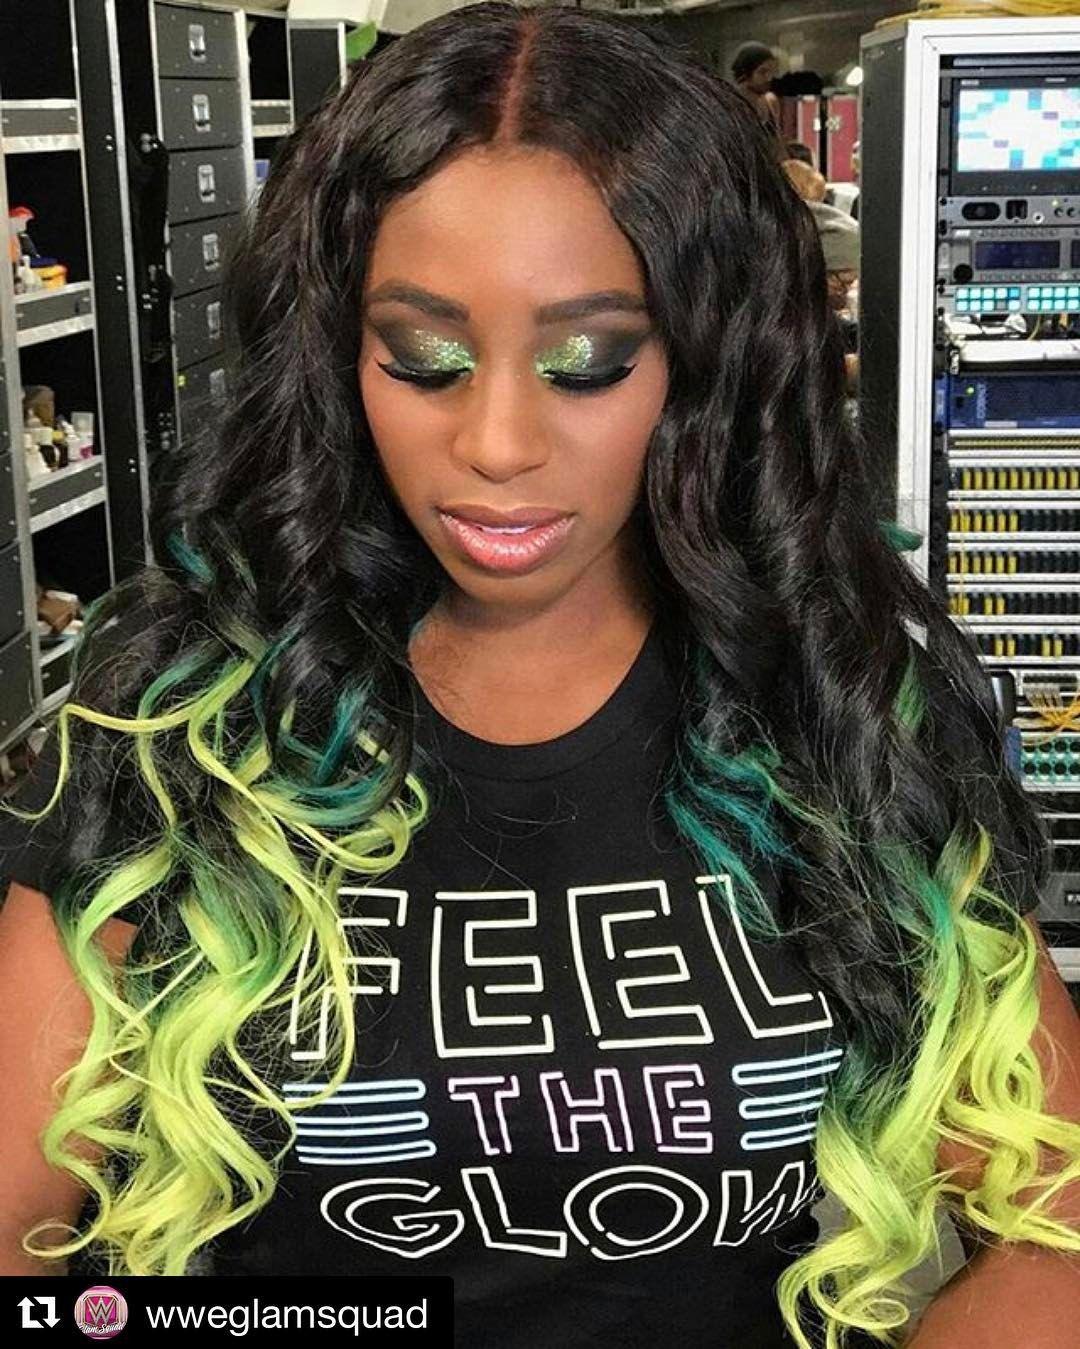 Pin by WWE /MISC on Naomi | Naomi wwe, Trinity fatu, Step moms